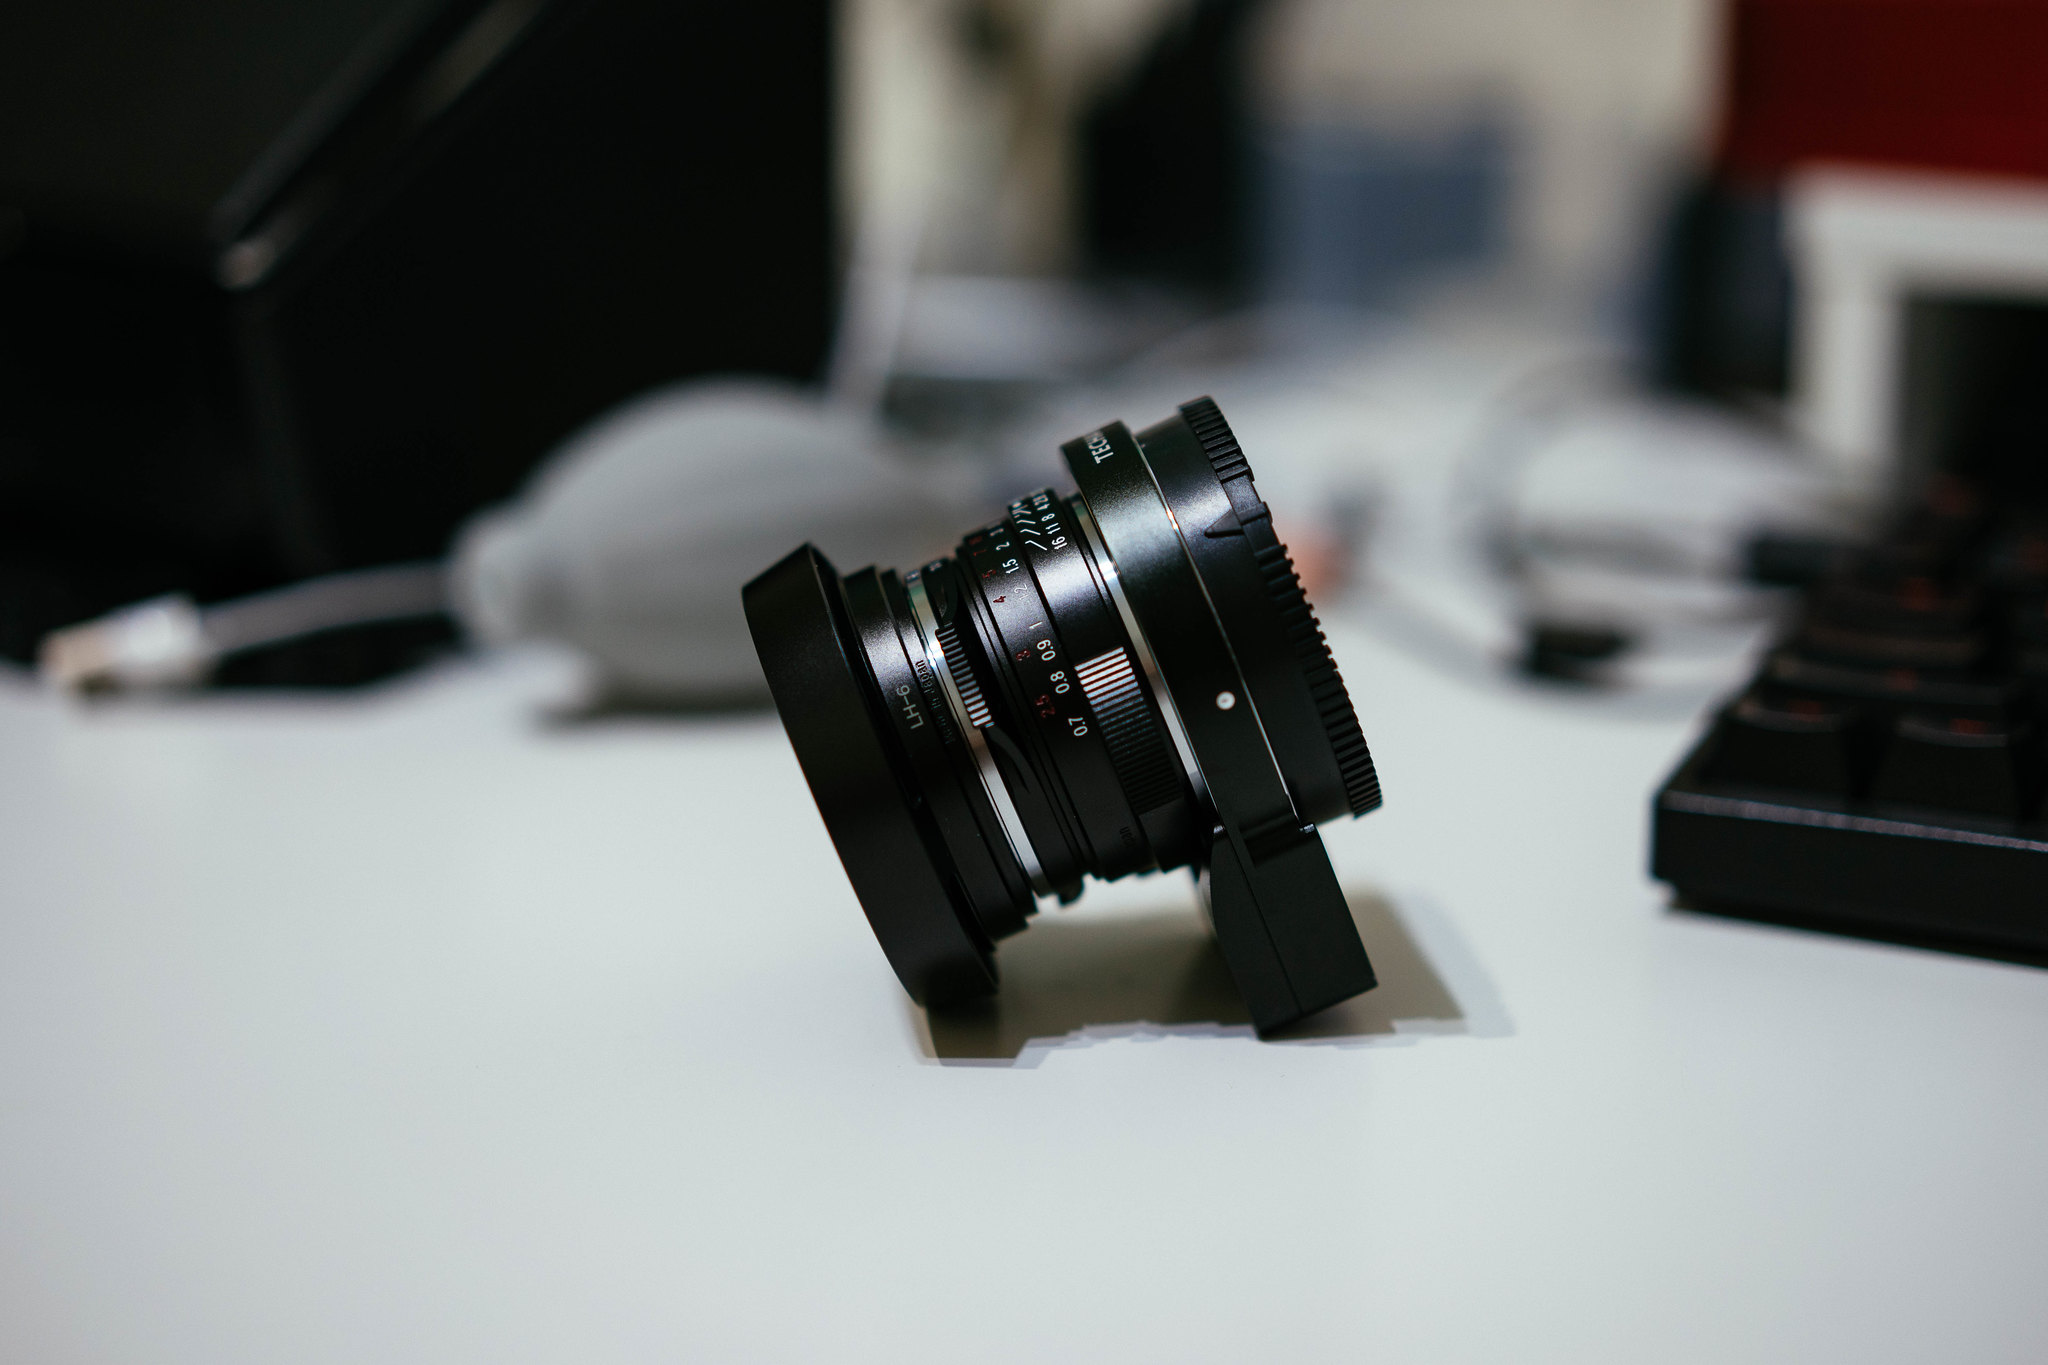 Cosina Voigtlander Nokton Classic 35mm/f1.4 with Techart LM-EA7 (Autofocus adapter)